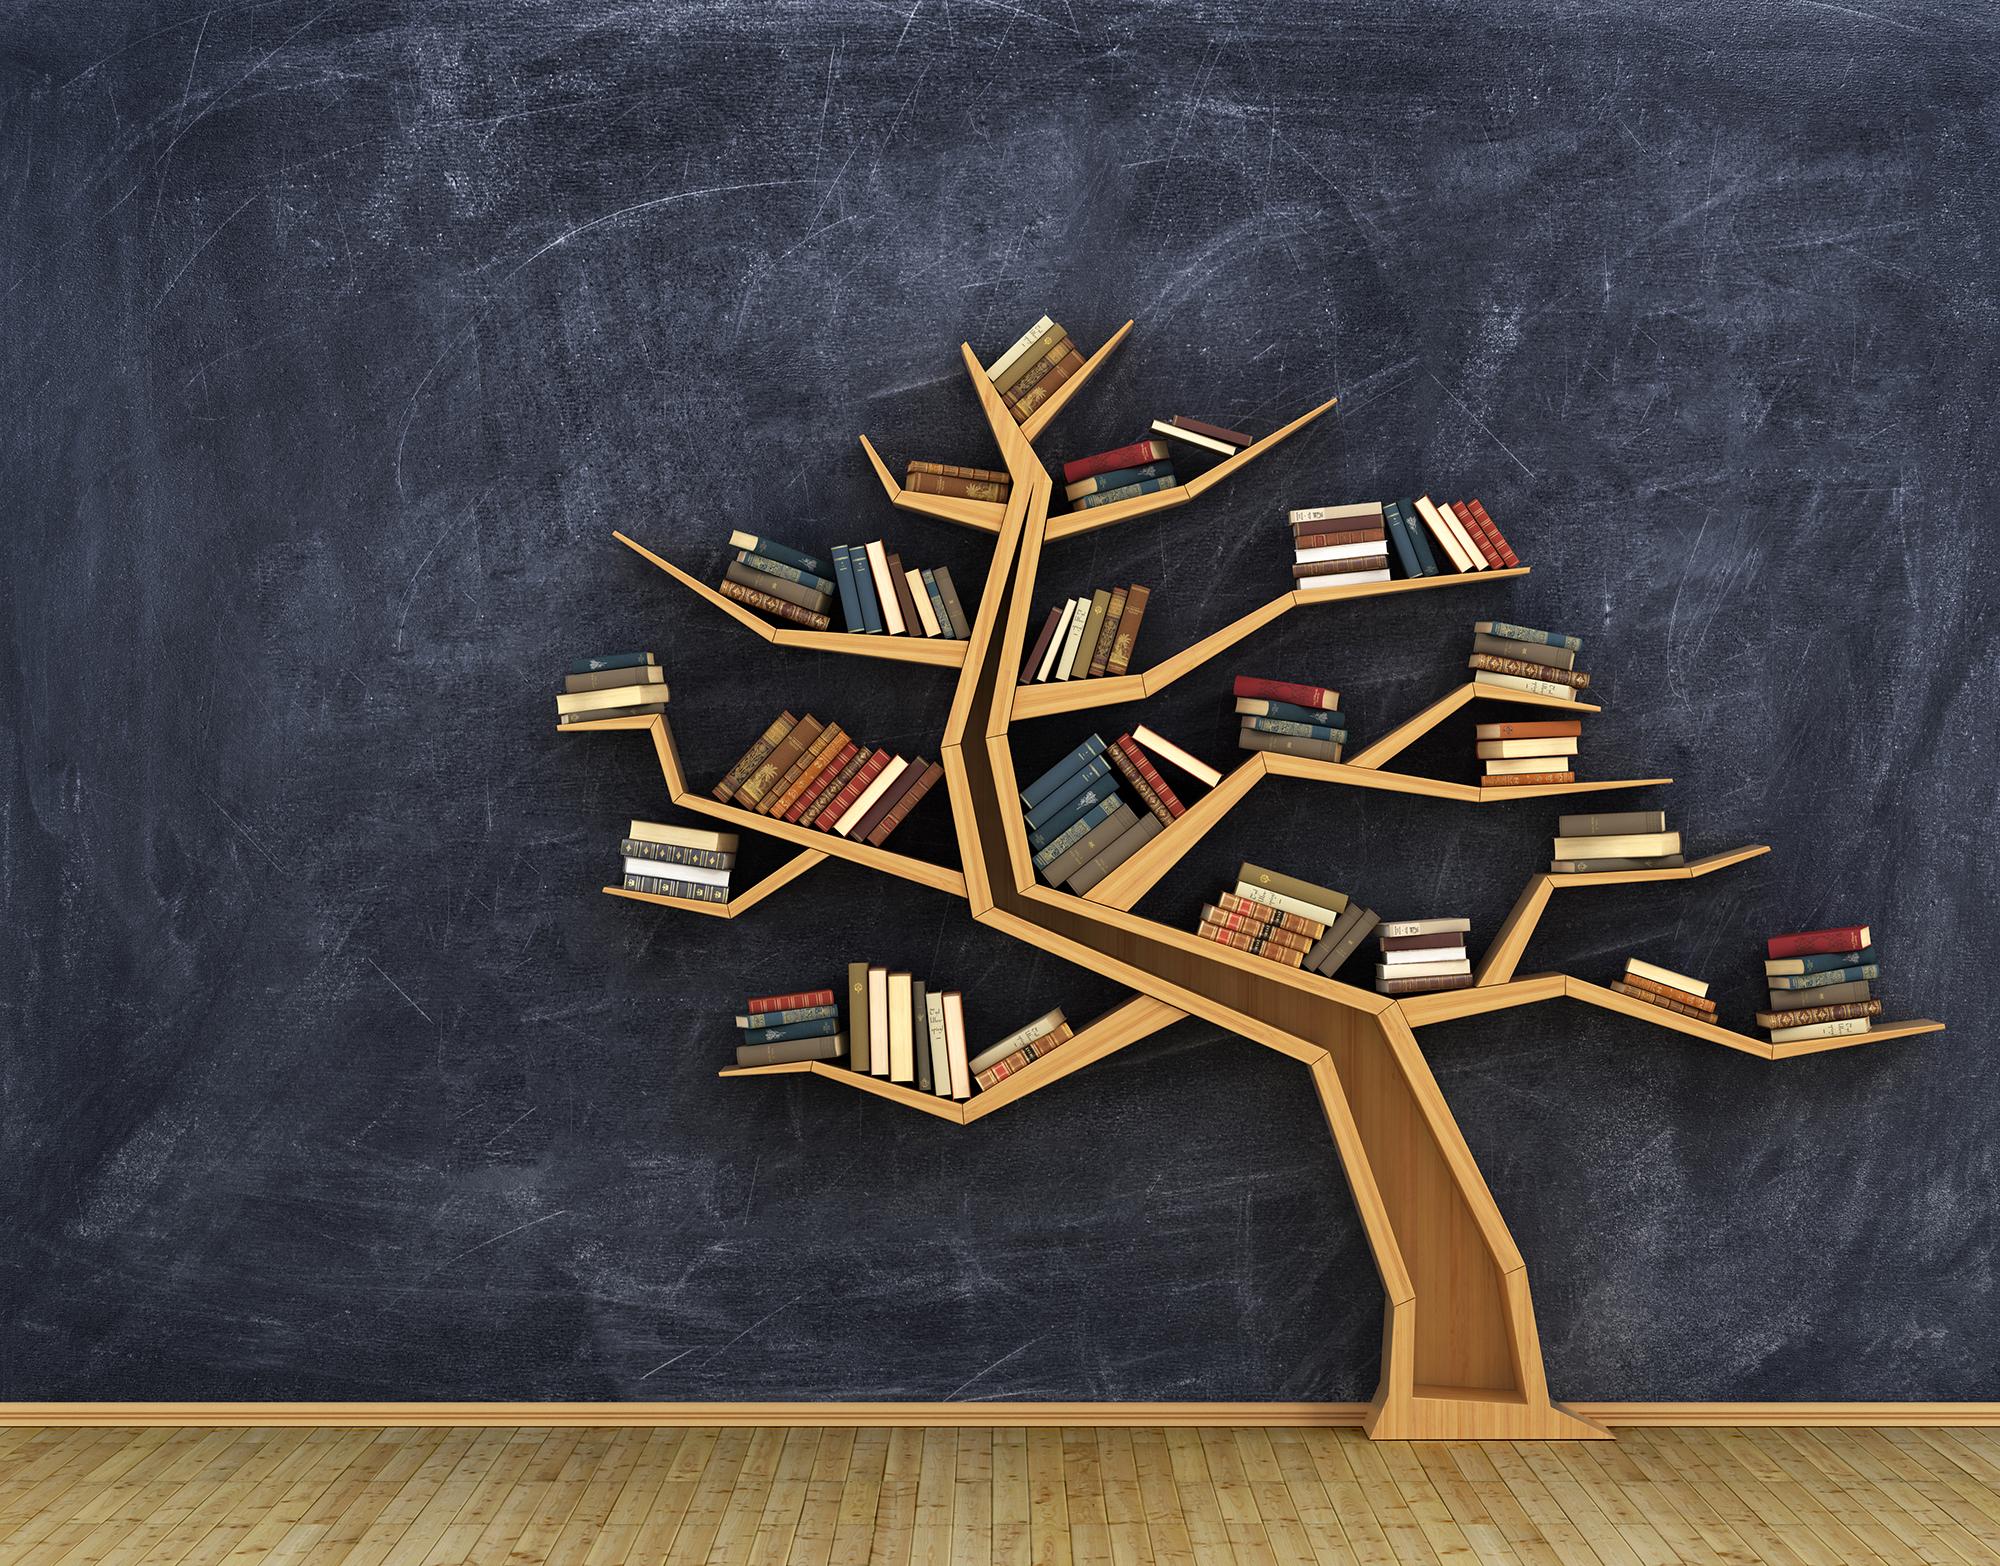 """Prateleira de livros em forma de árvore com vários livros em seus """"galhos""""."""